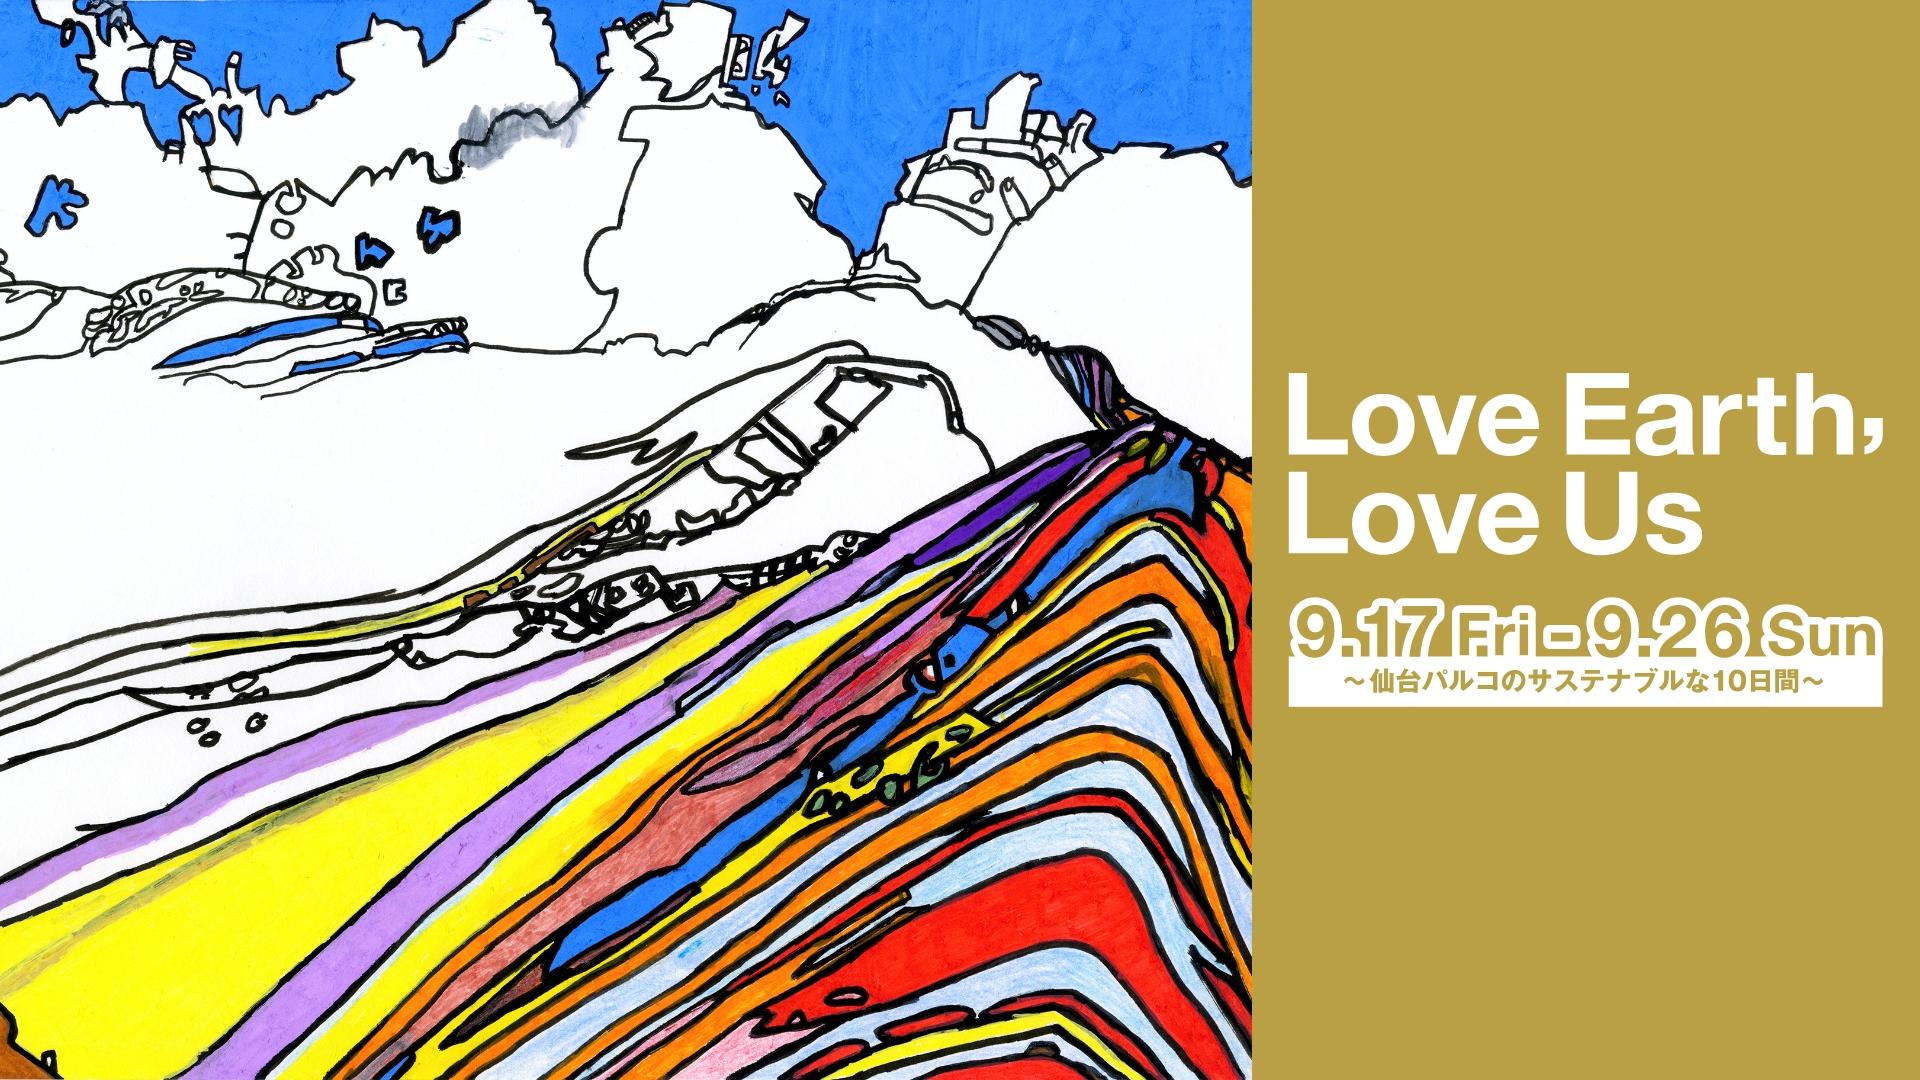 仙台パルコ「Love Earth, Love Us ~仙台パルコのサステナブルな10日間~」1